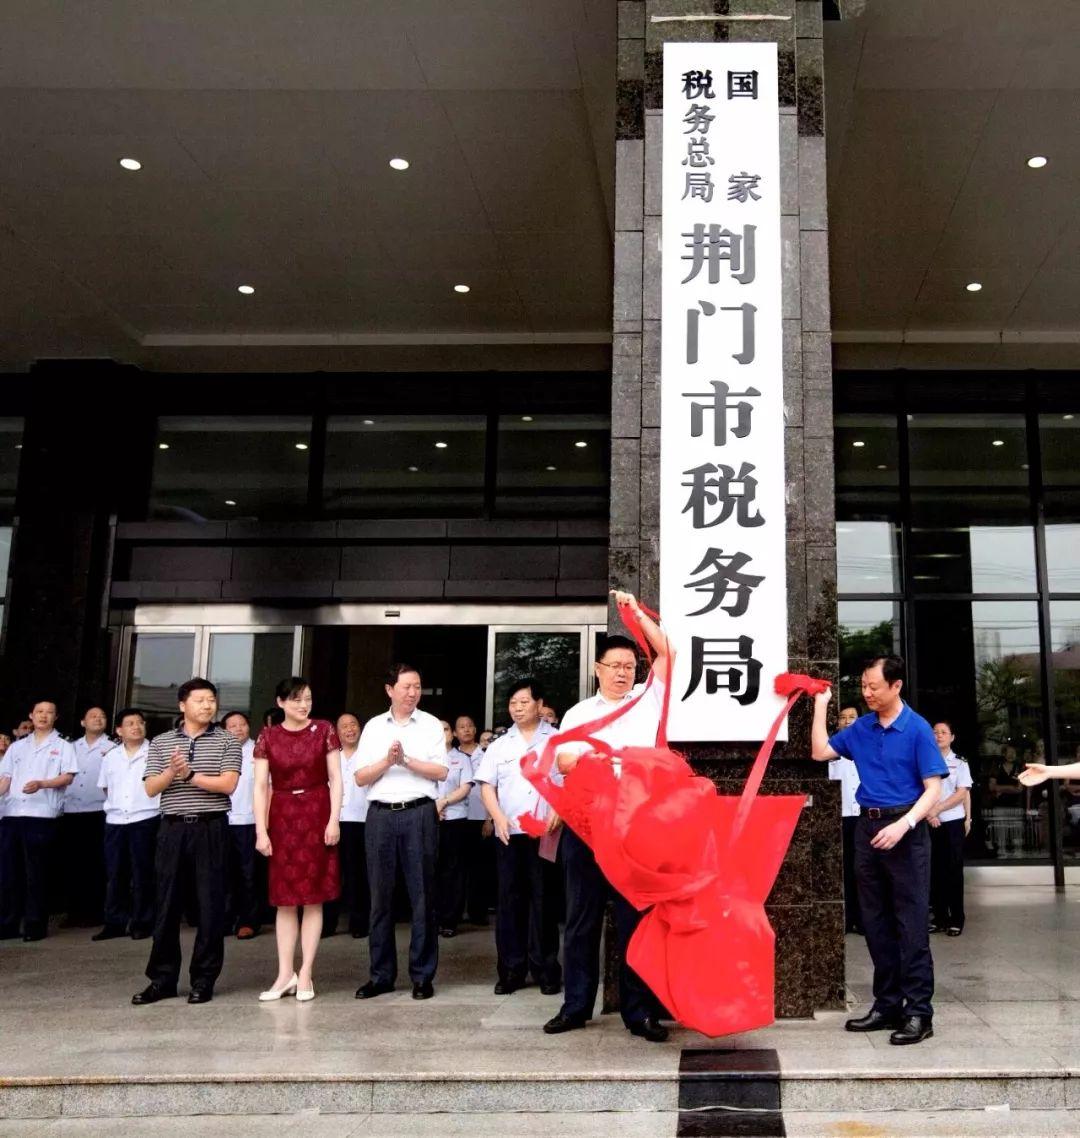 重磅!国税地税合并,国家税务总局荆门市税务局挂牌!